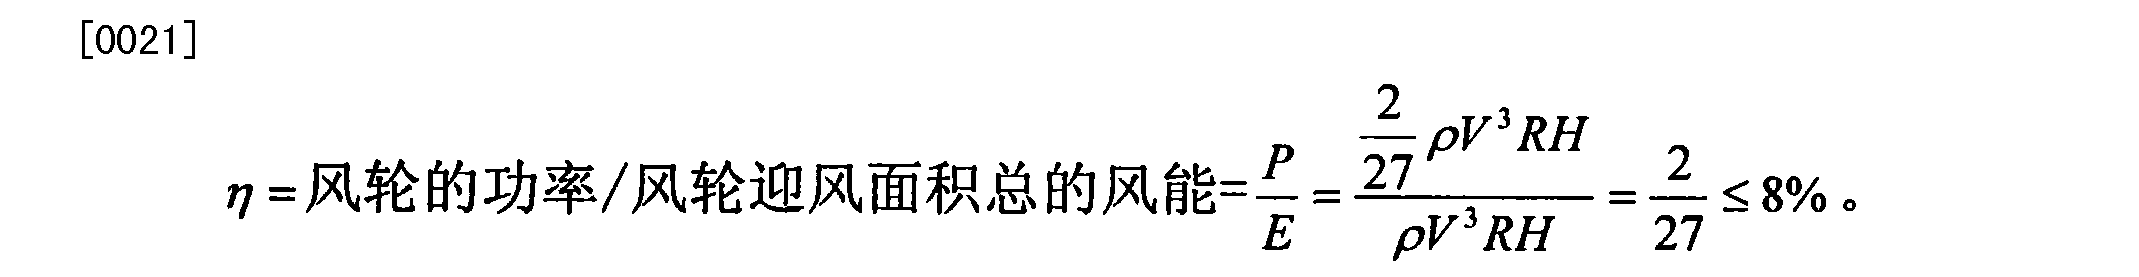 Figure CN101832225BD00055